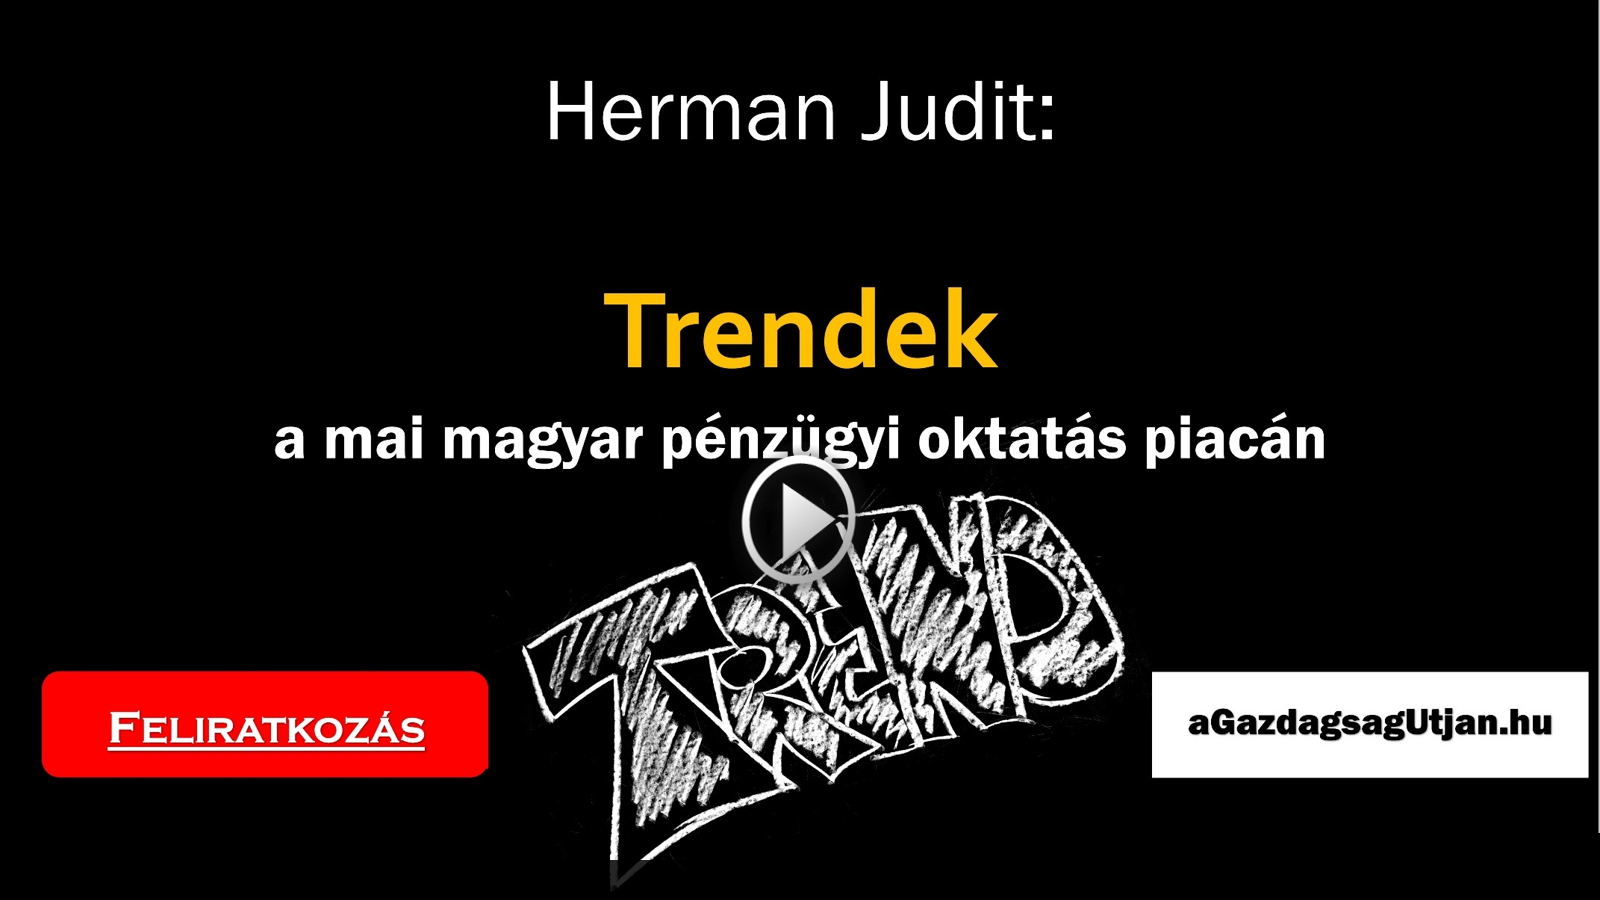 Trendek a mai magyar pénzügyi oktatás piacán